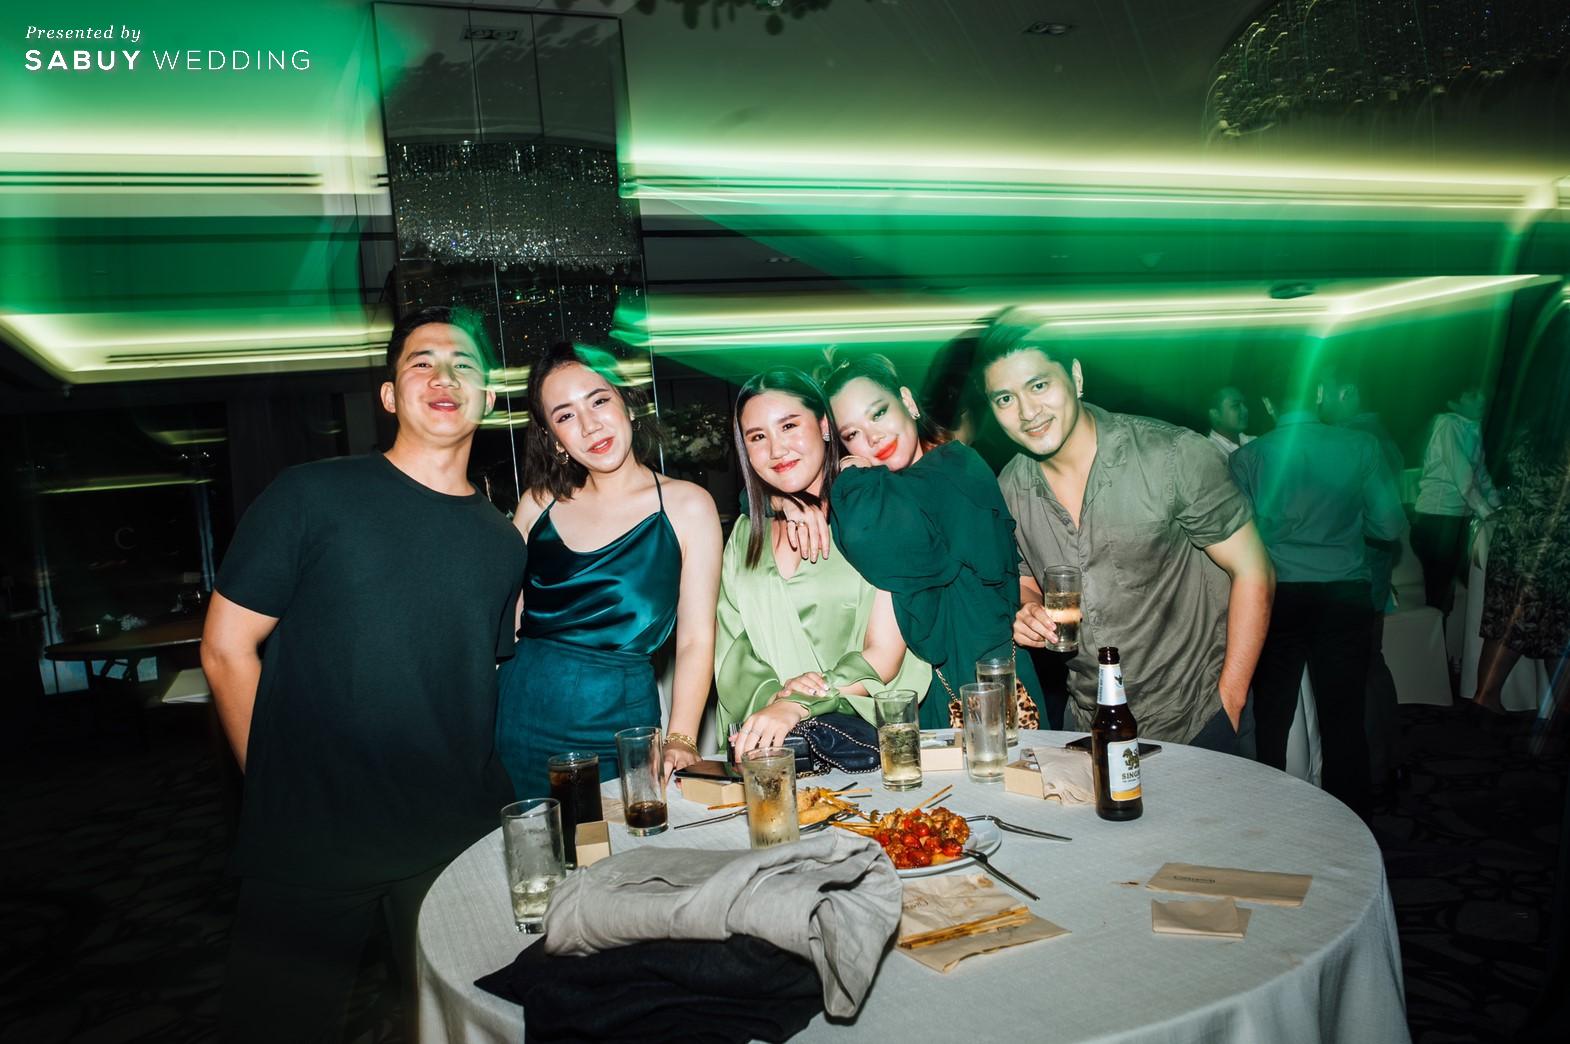 งานแต่งงาน,เจ้าบ่าว,เจ้าสาว รีวิวงานแต่งริมน้ำสุดอบอุ่น สวยละมุนในโทนขาวเขียว @ Chatrium Hotel Riverside Bangkok